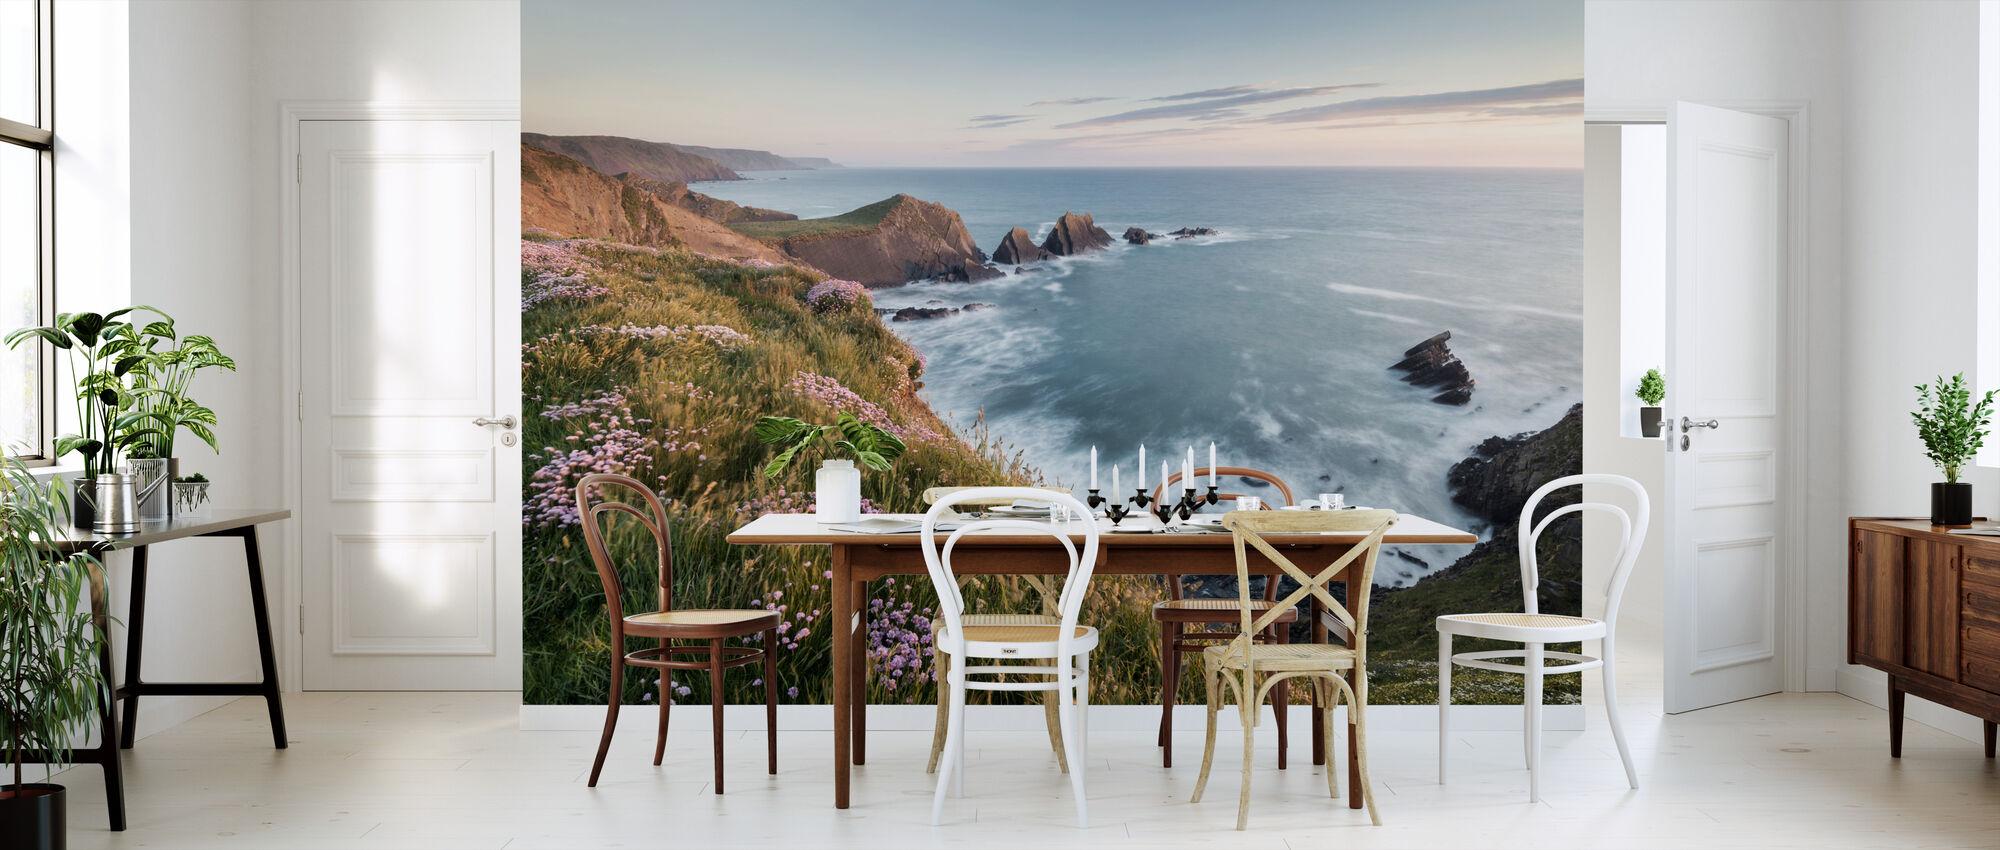 Wild View - Wallpaper - Kitchen